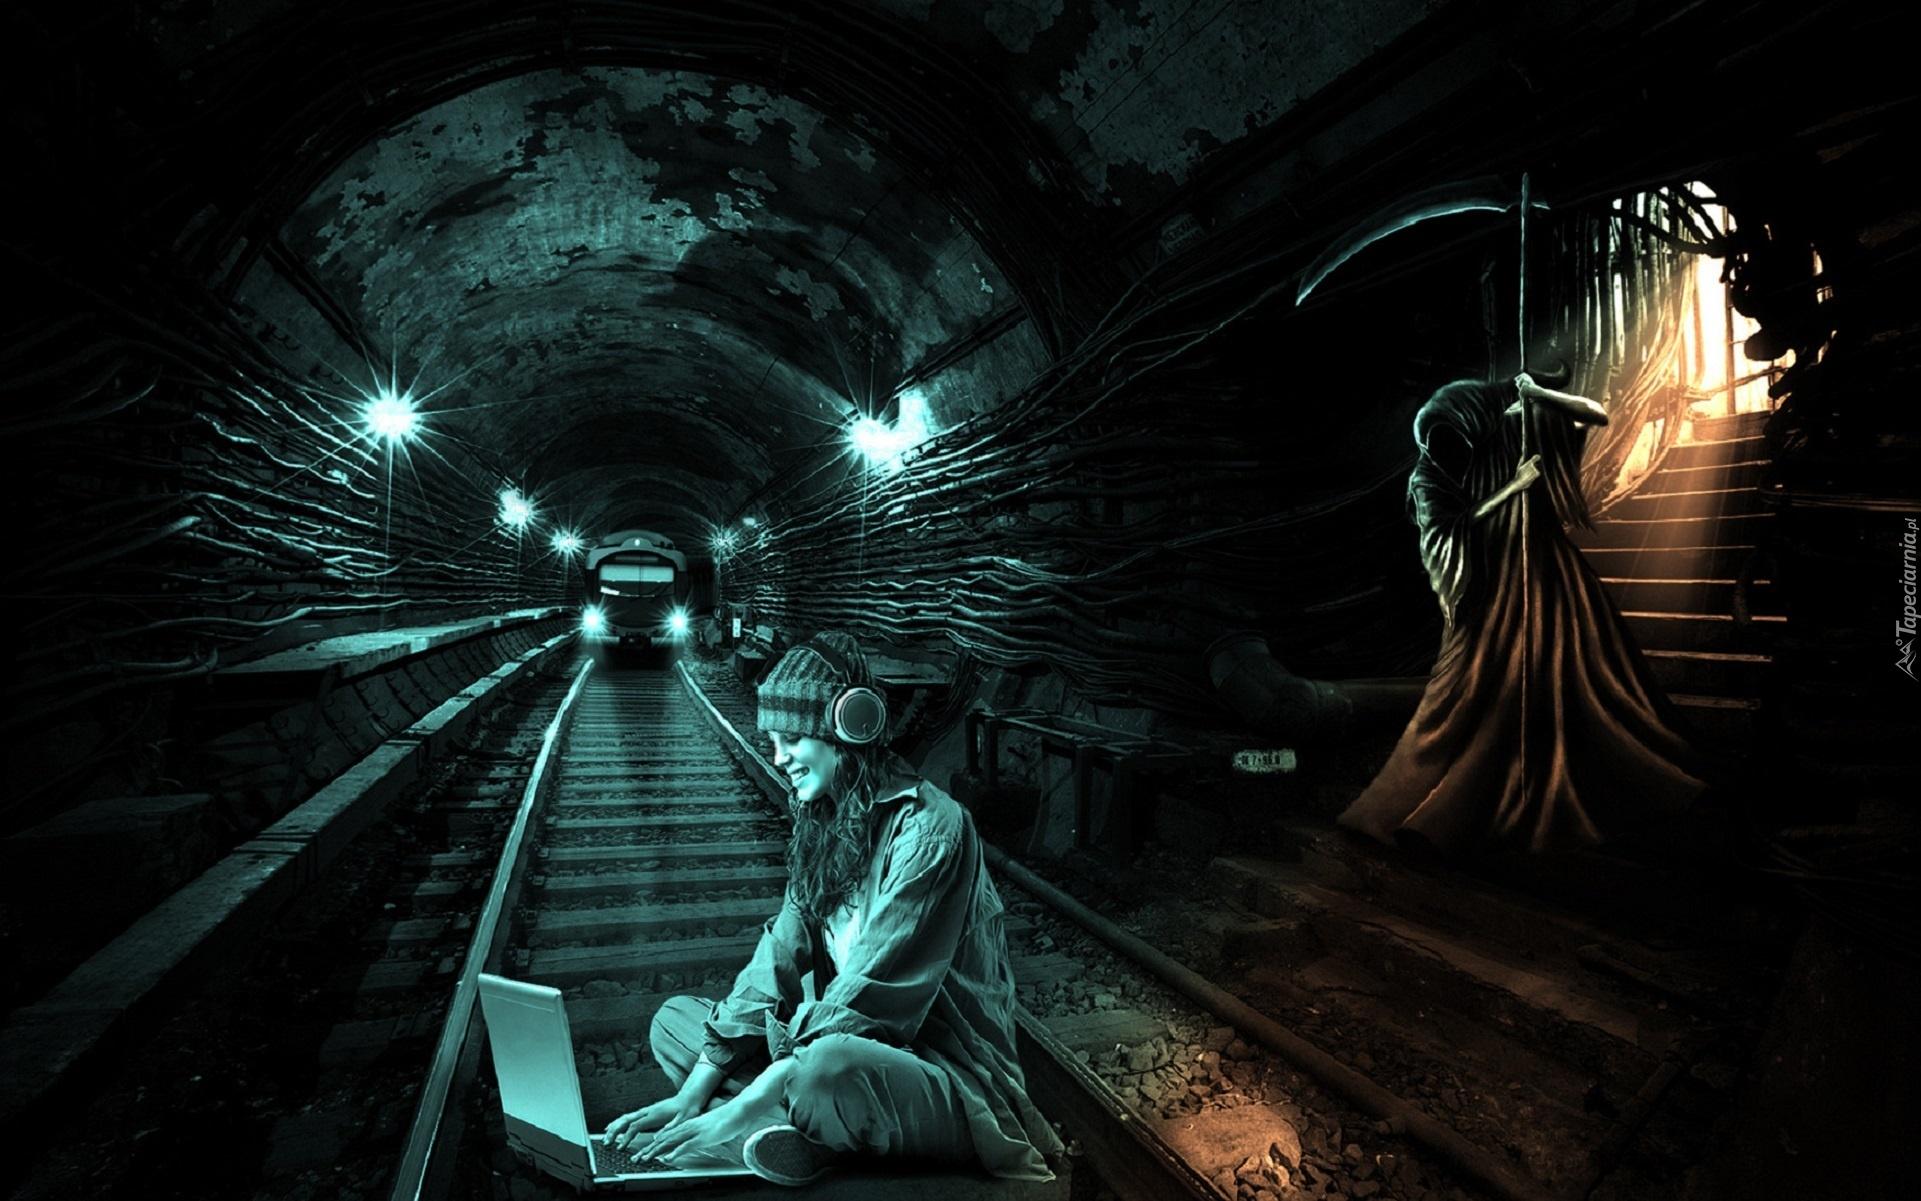 Steampung Girl Holding Skull Wallpaper Metro Dziewczyna Śmierć